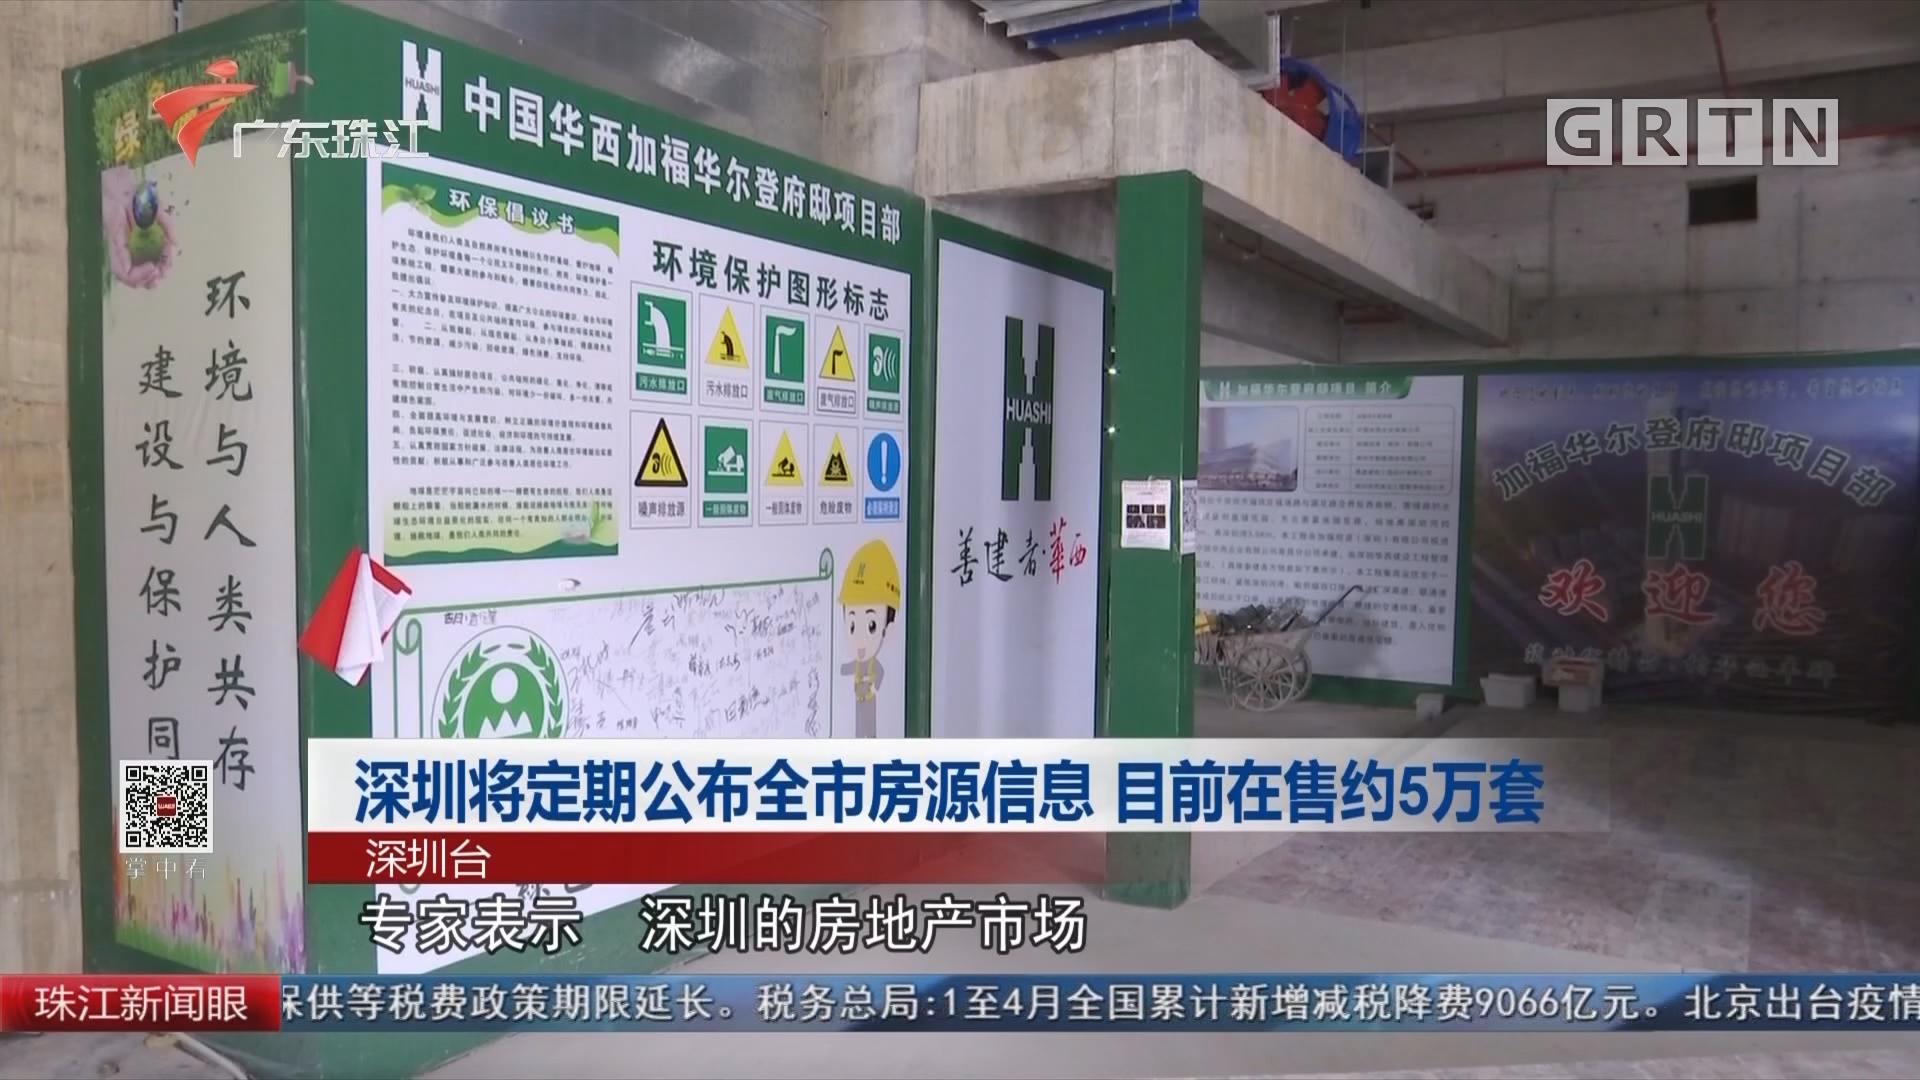 深圳將定期公布全市房源信息 目前在售約5萬套